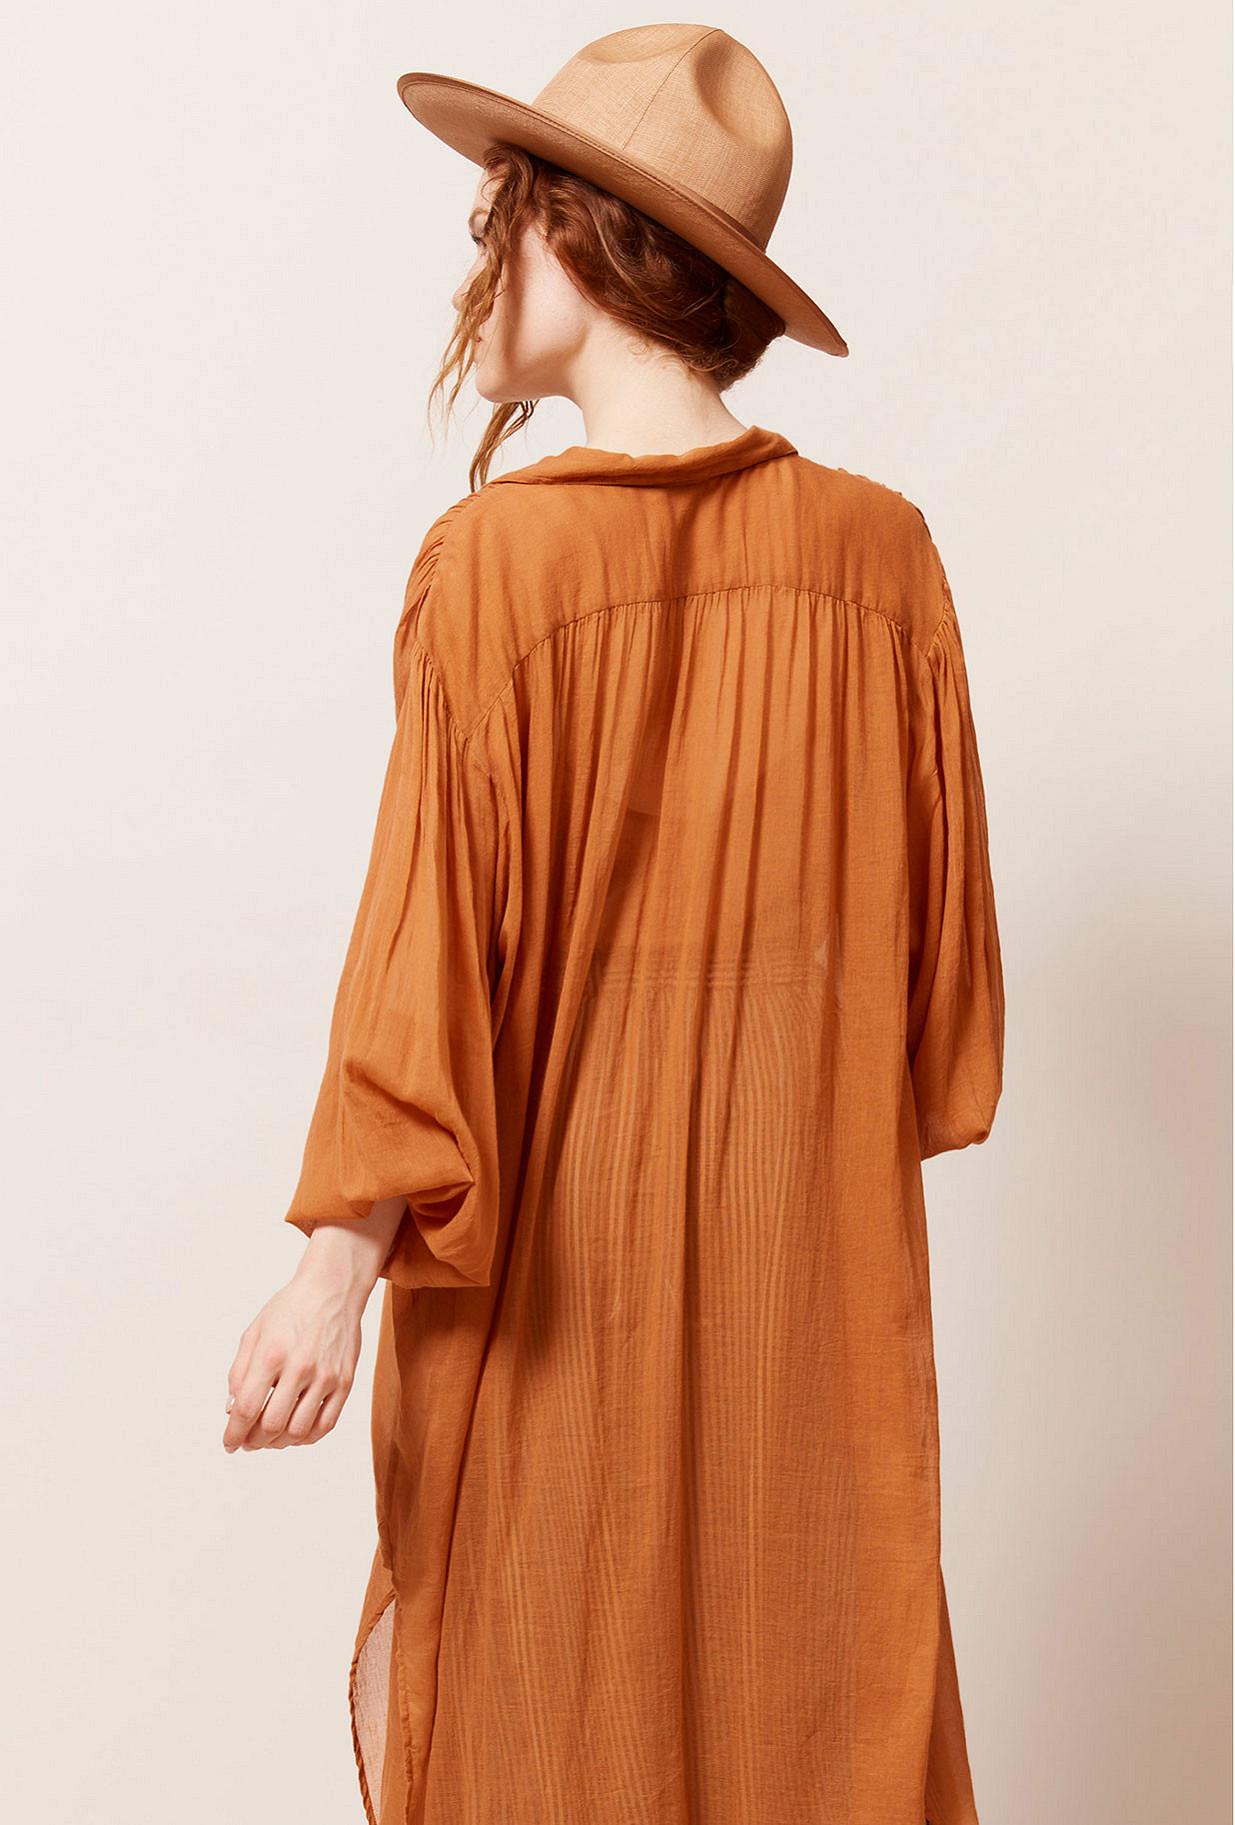 Terracotta Dress Oscar